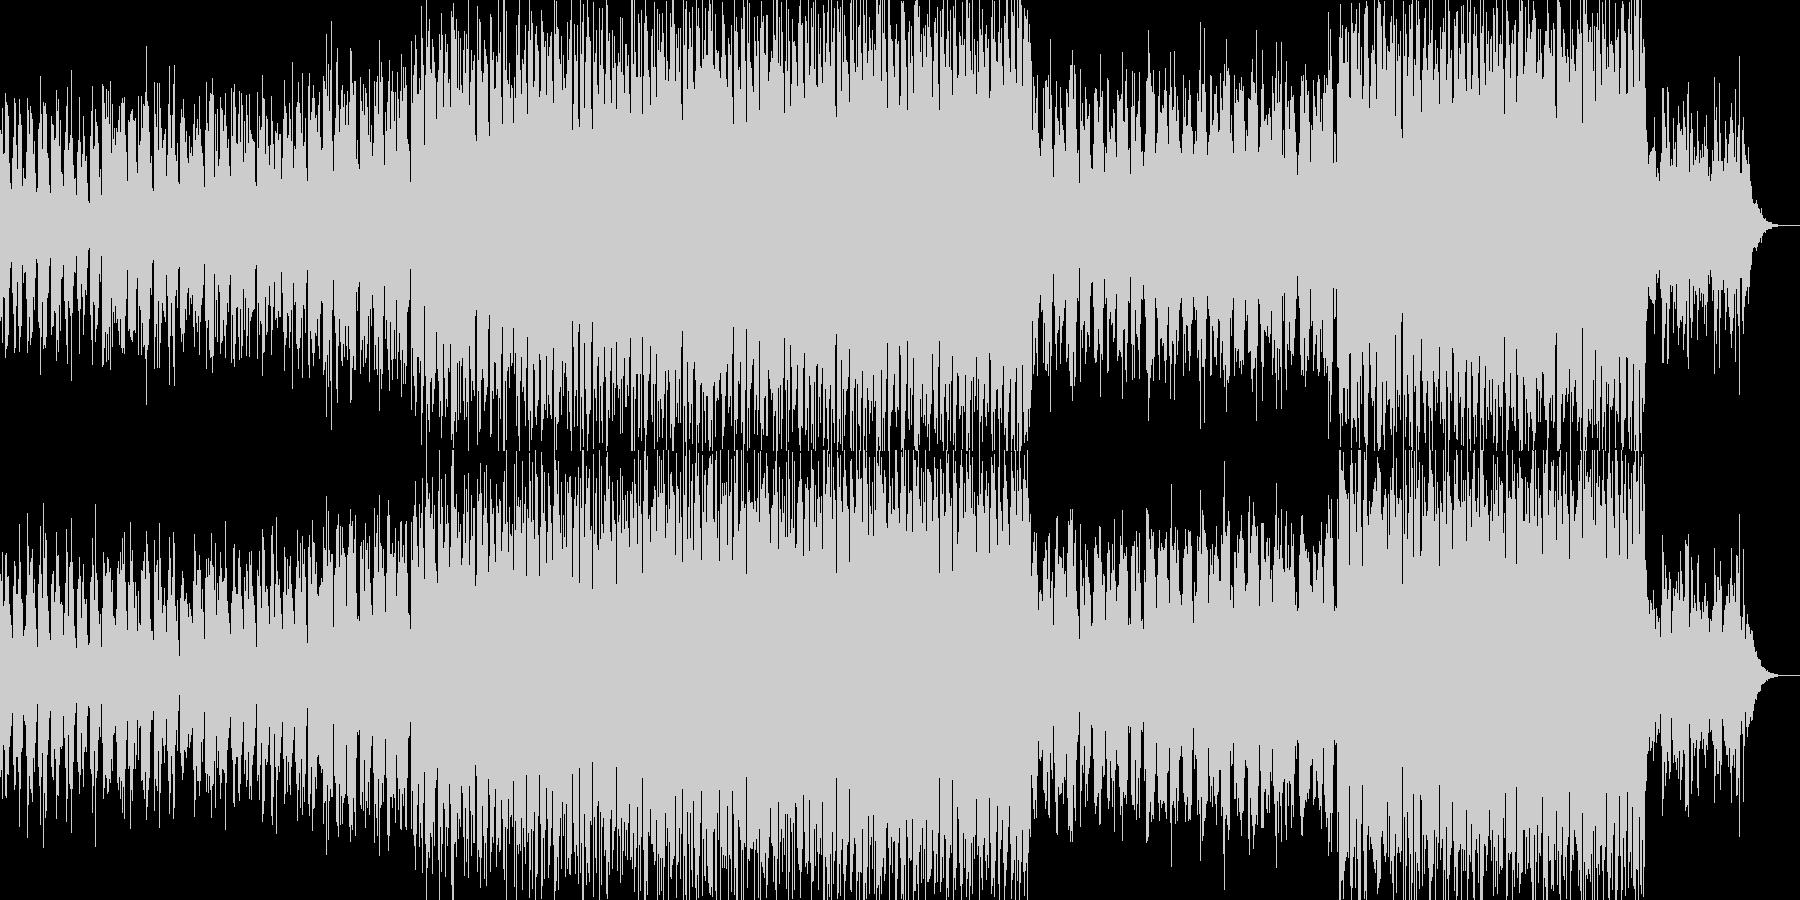 映画音楽、荘厳重厚、映像向け-09の未再生の波形